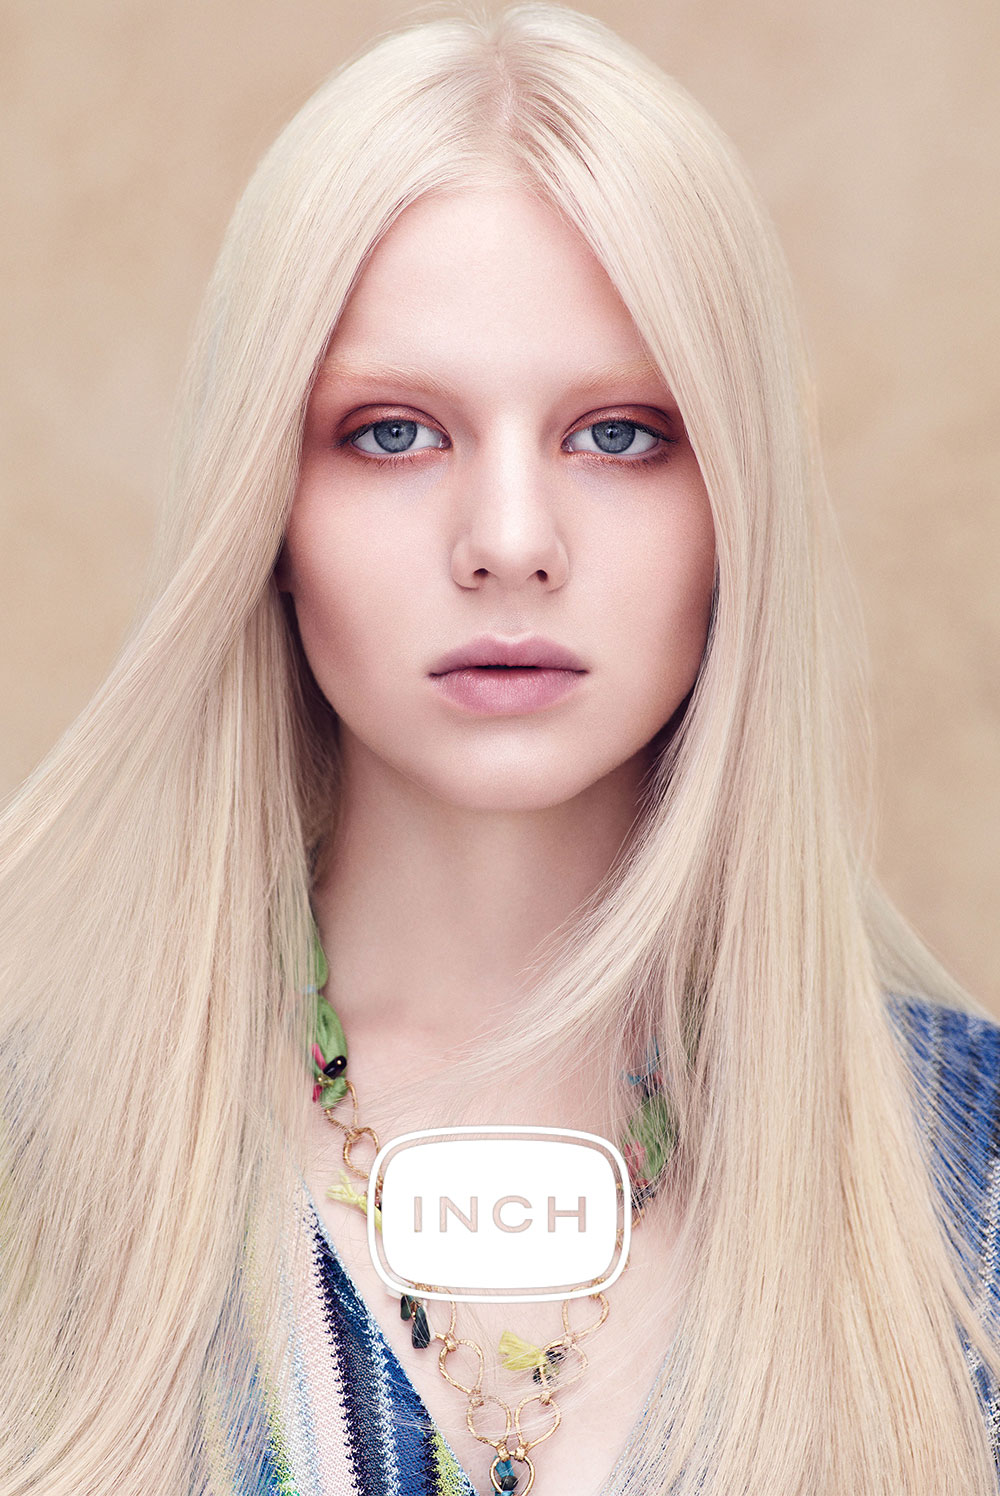 inch_3.jpg